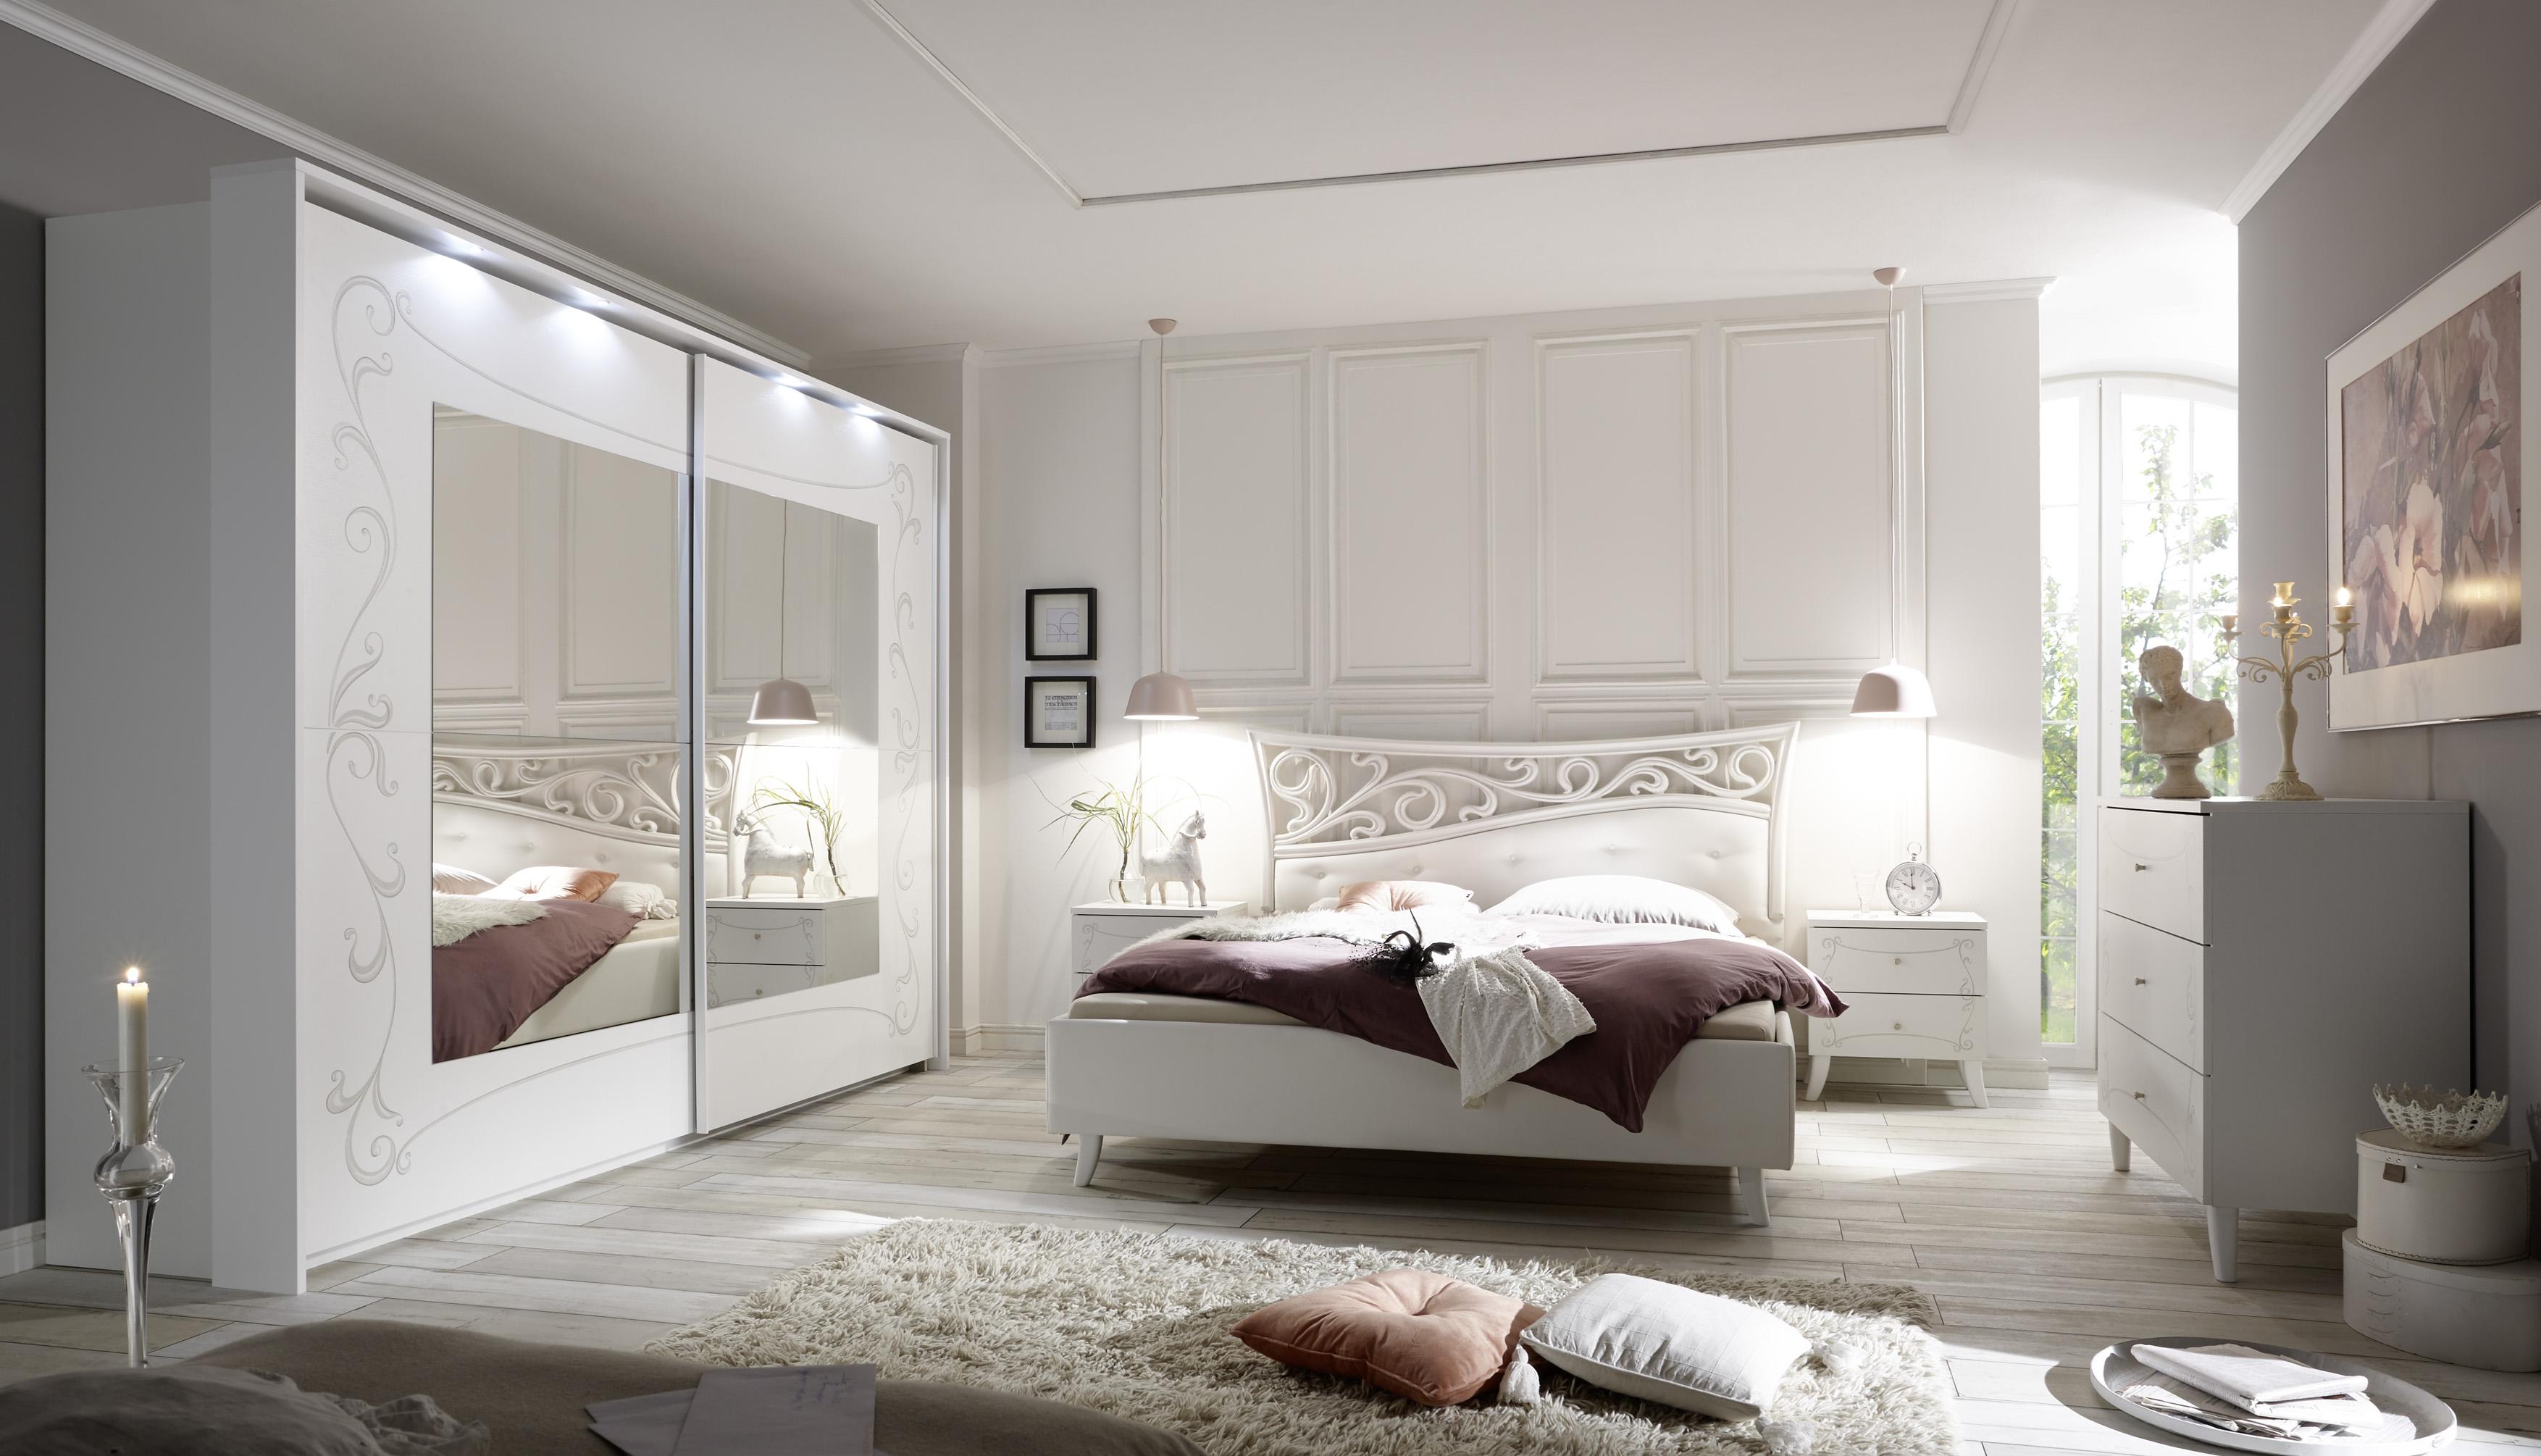 Schlafzimmer Set Sereina in romantischem Stil 275cm